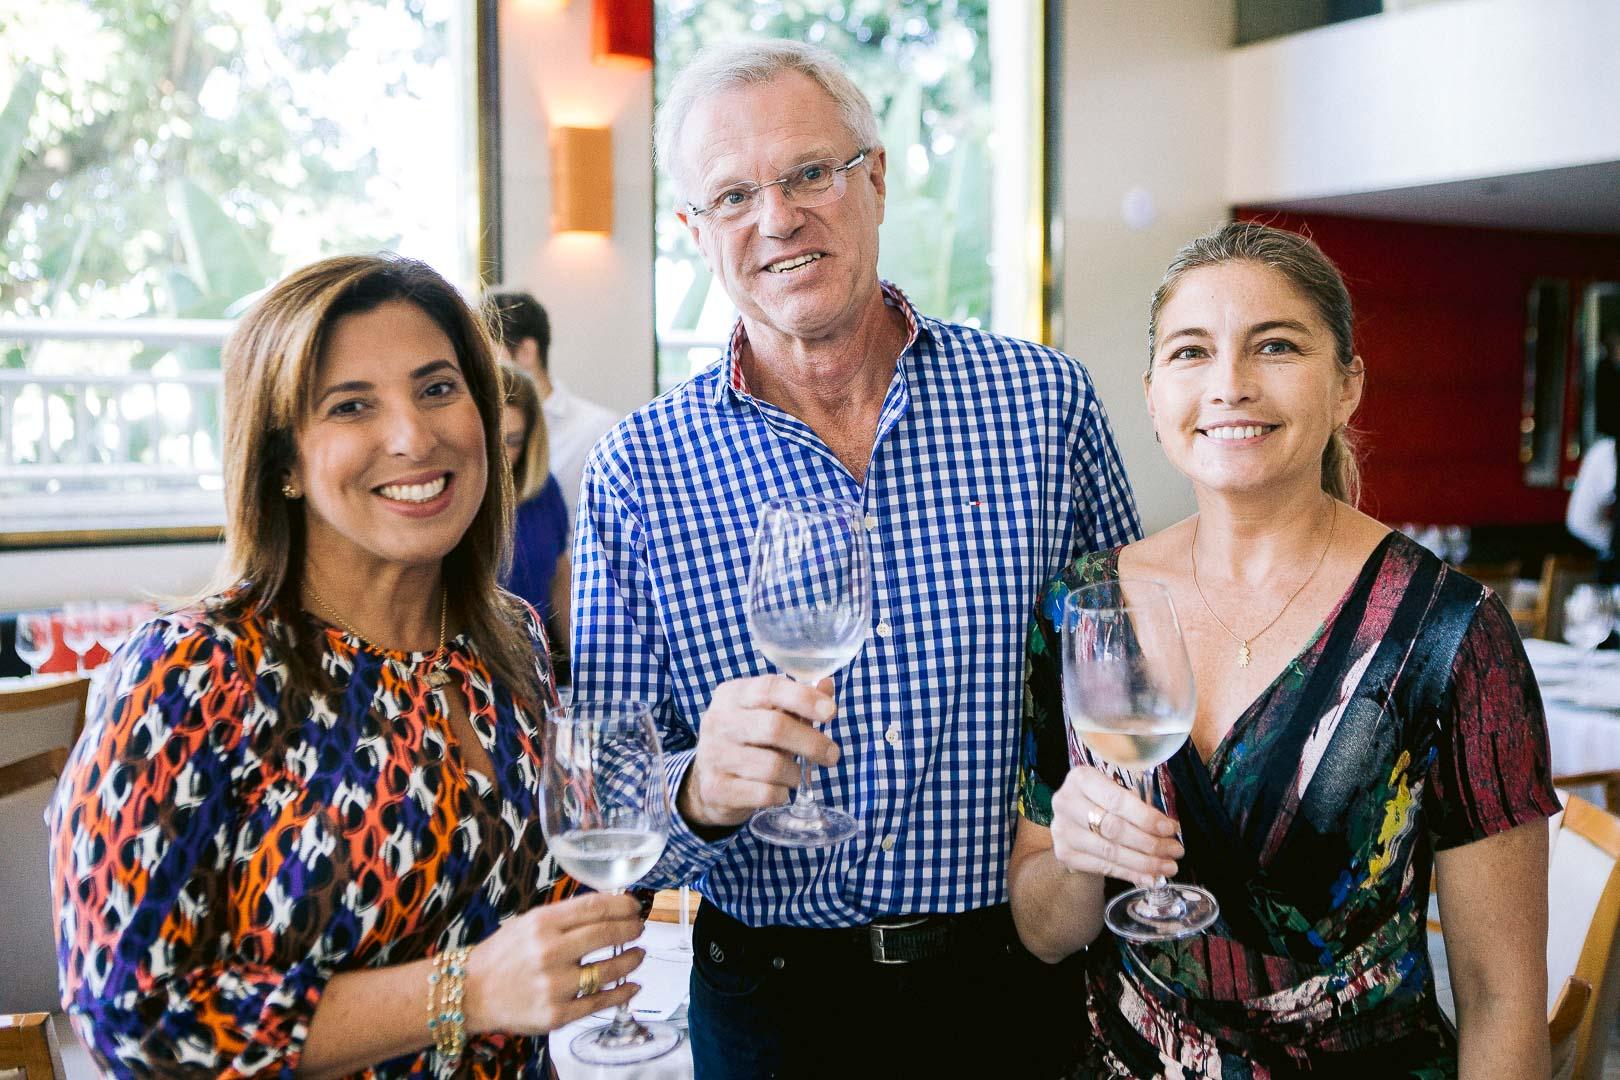 Hannover organiza almoço para lançar vinhos da chilena Estampa